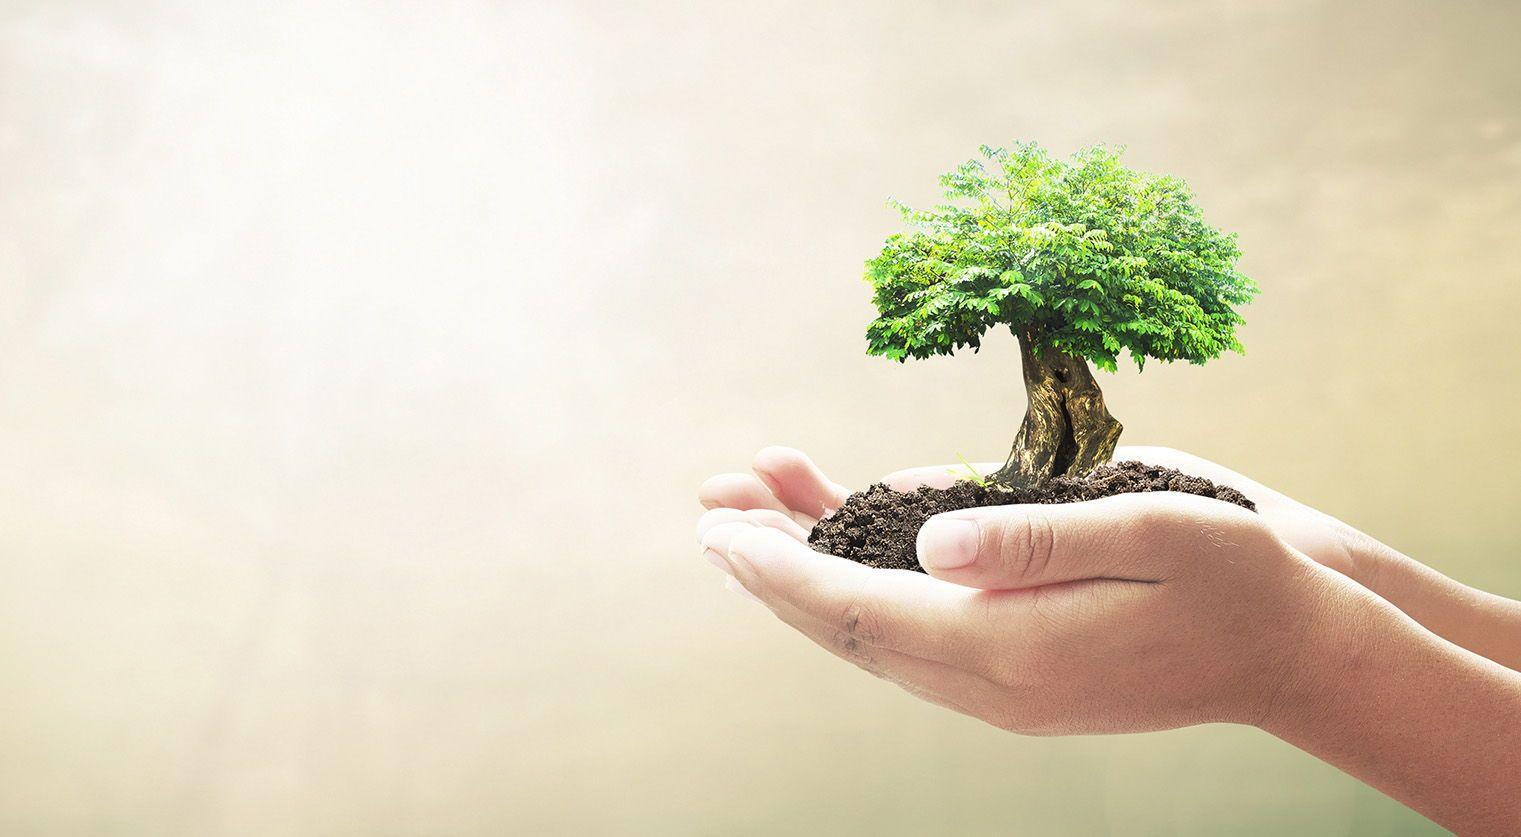 eco-conscious consumers